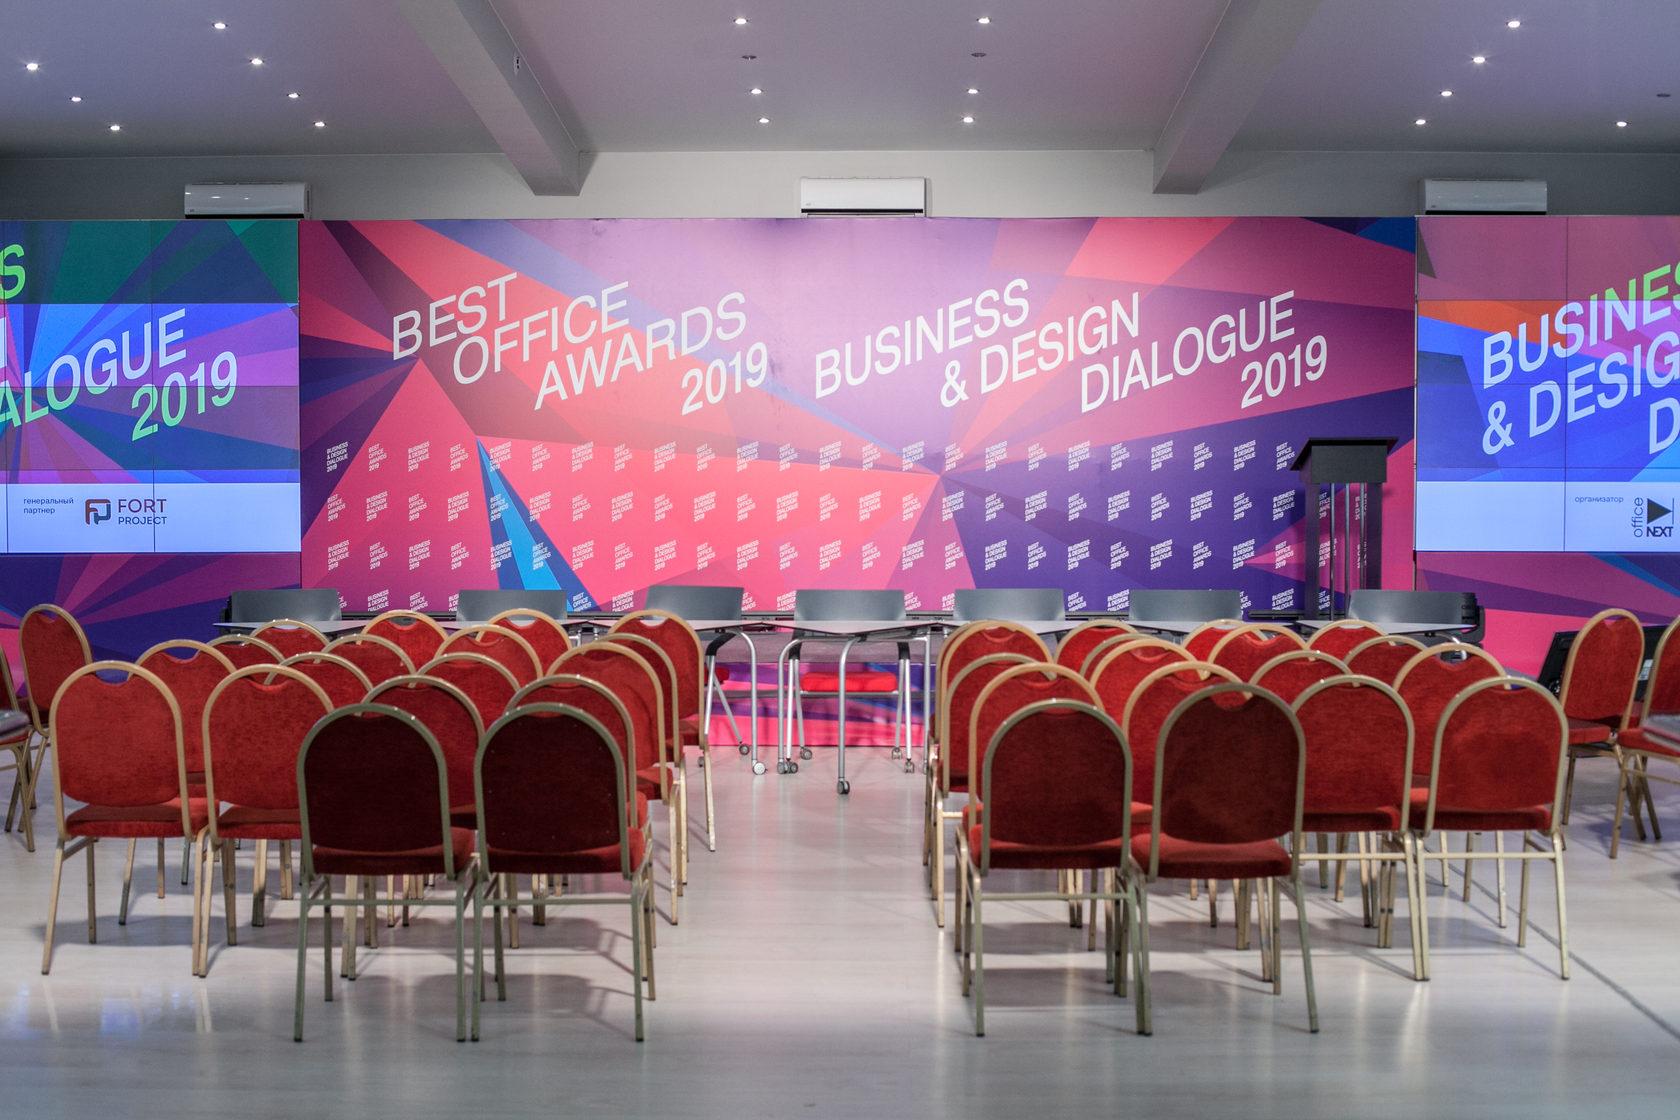 Компания BWS приняла участие в бизнес-форуме Office Next 2019!